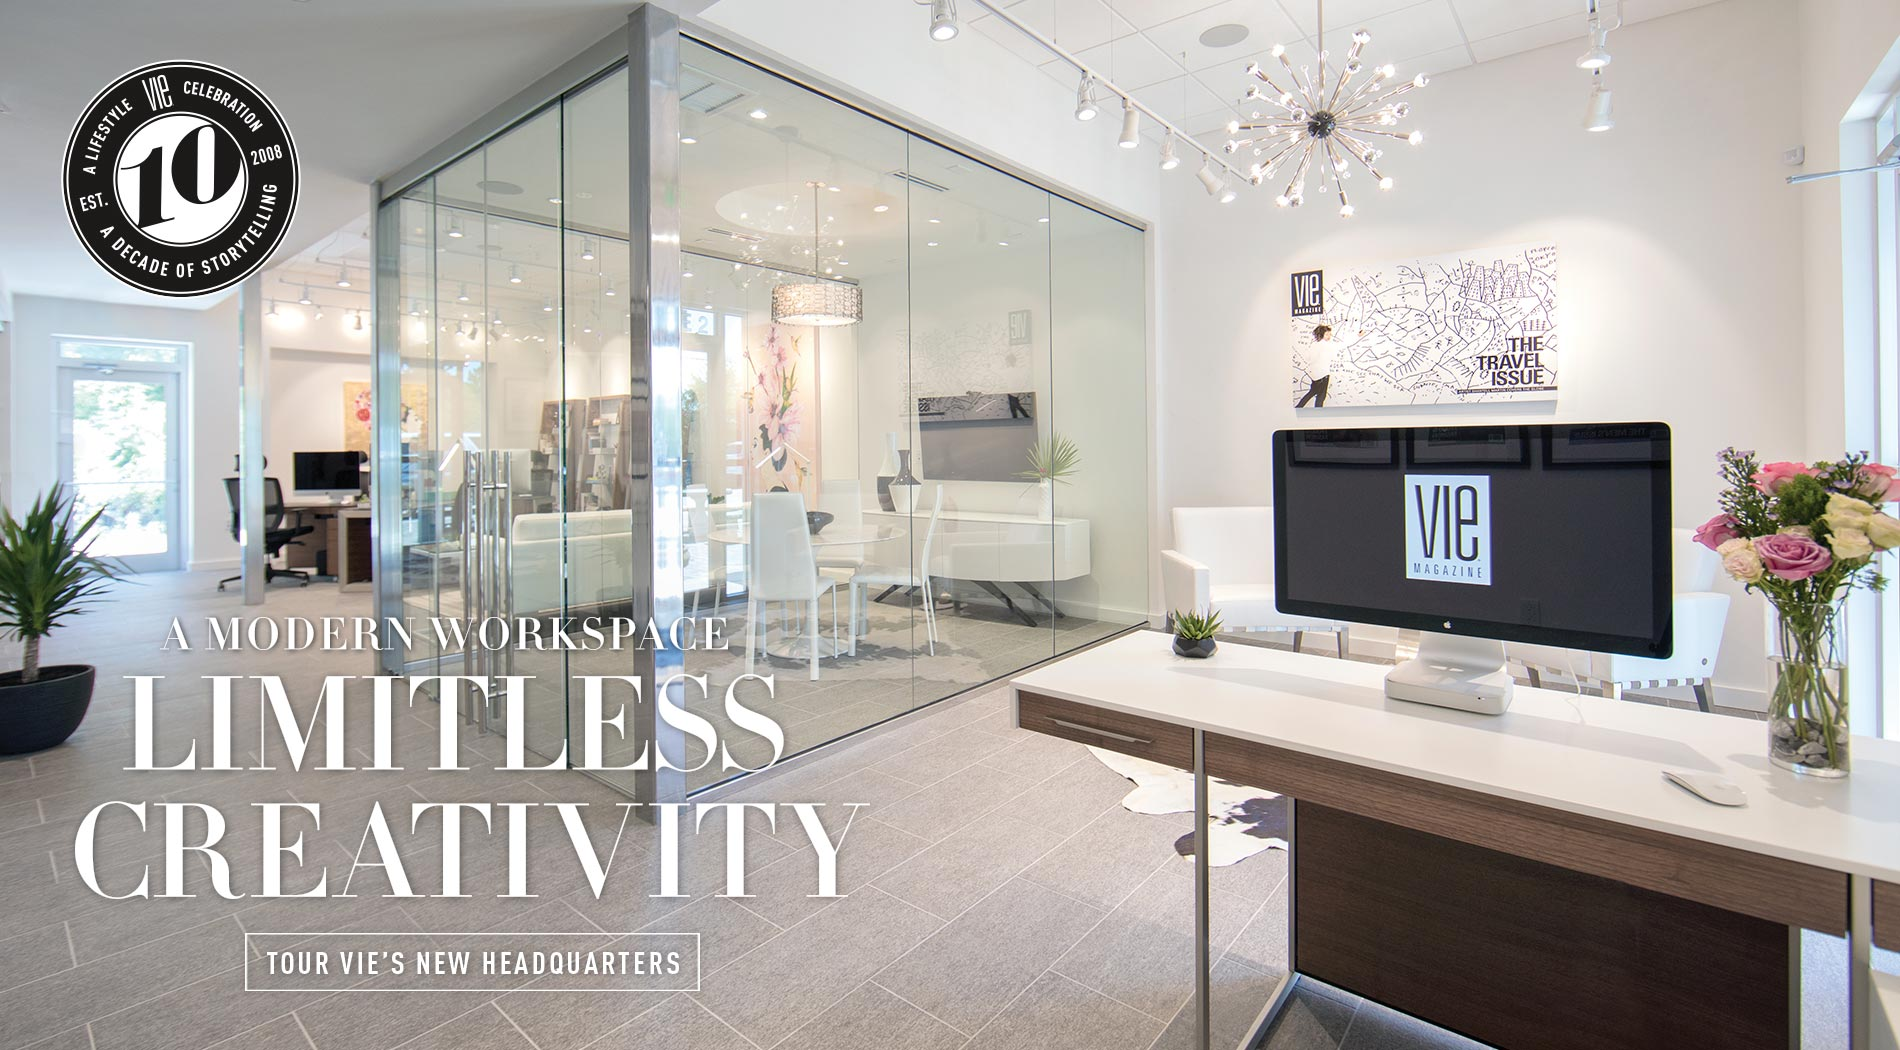 VIE Magazine - October 2017 Home & Garden Issue - VIE's New Headquarters